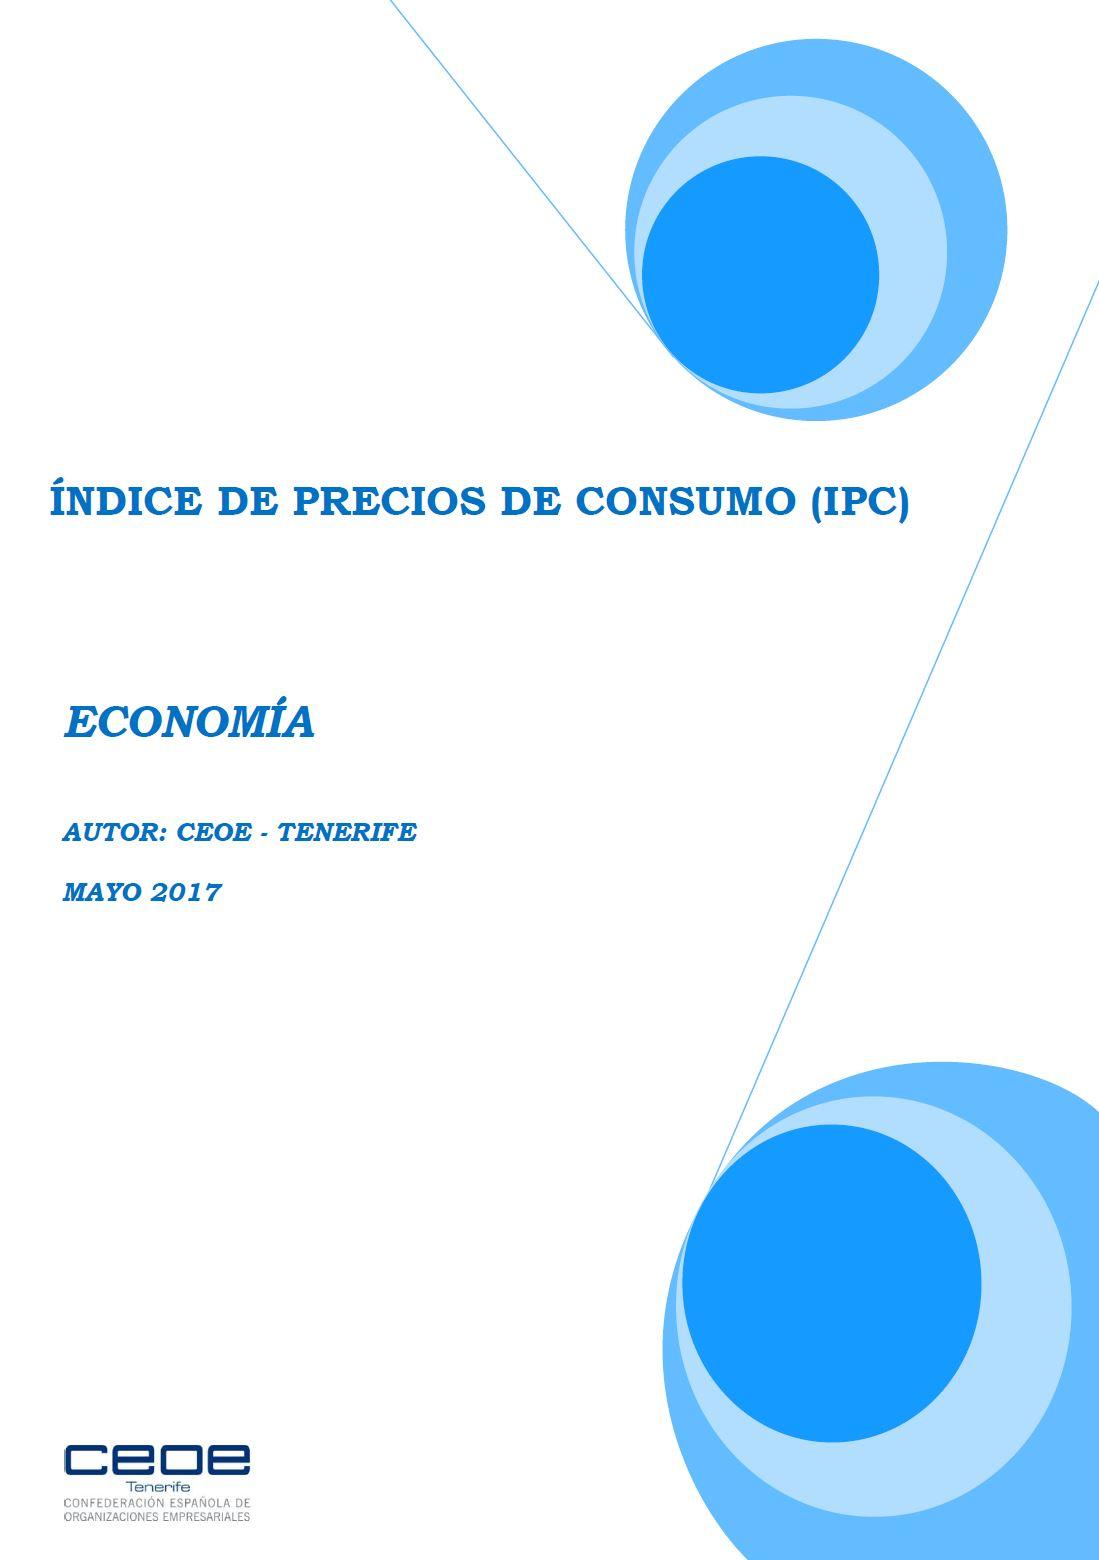 Mayo IPC